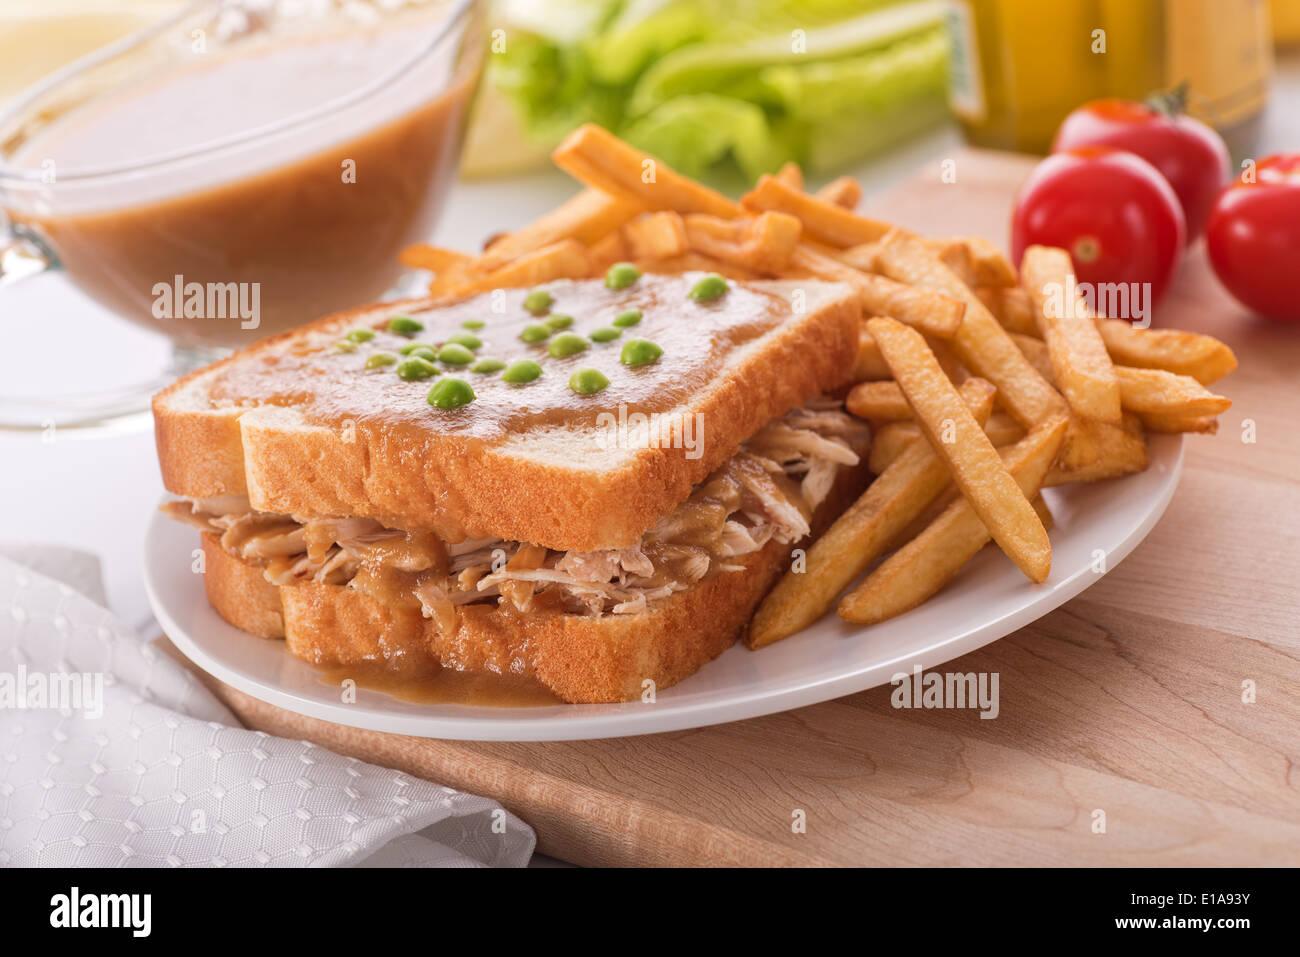 Un délicieux sandwich à la dinde sauce chaude, petits pois et frites. Photo Stock